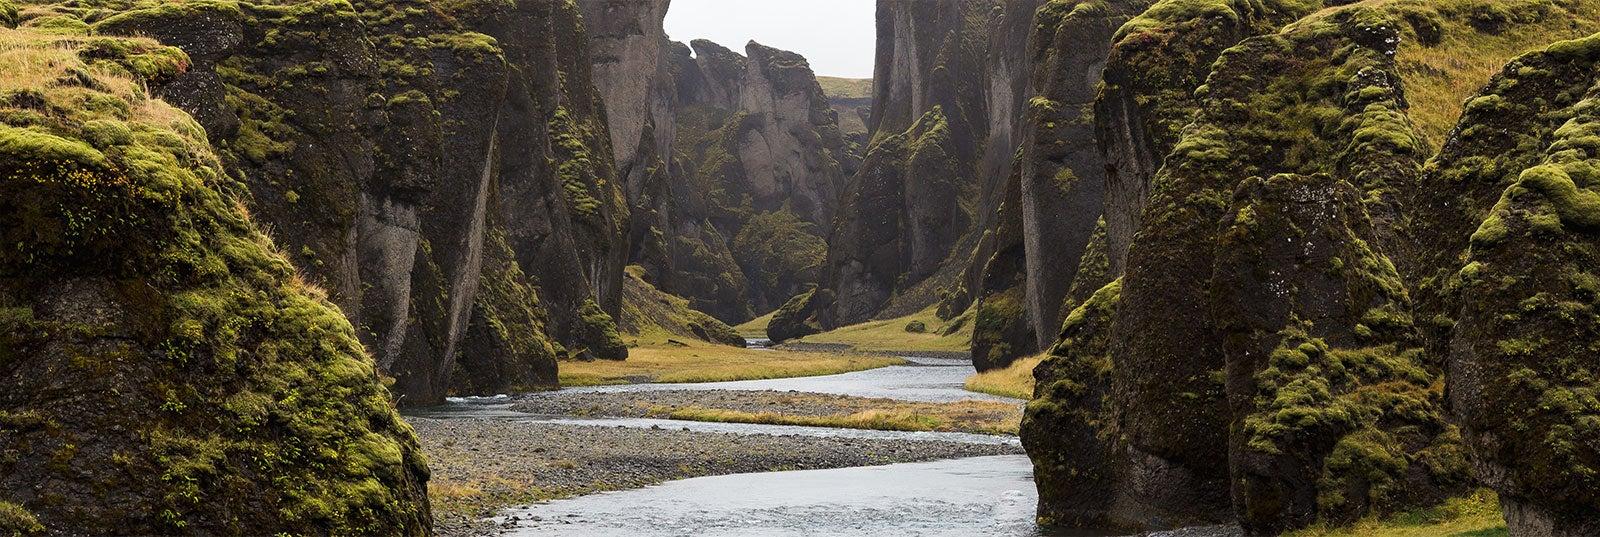 Guía turística de Iceland